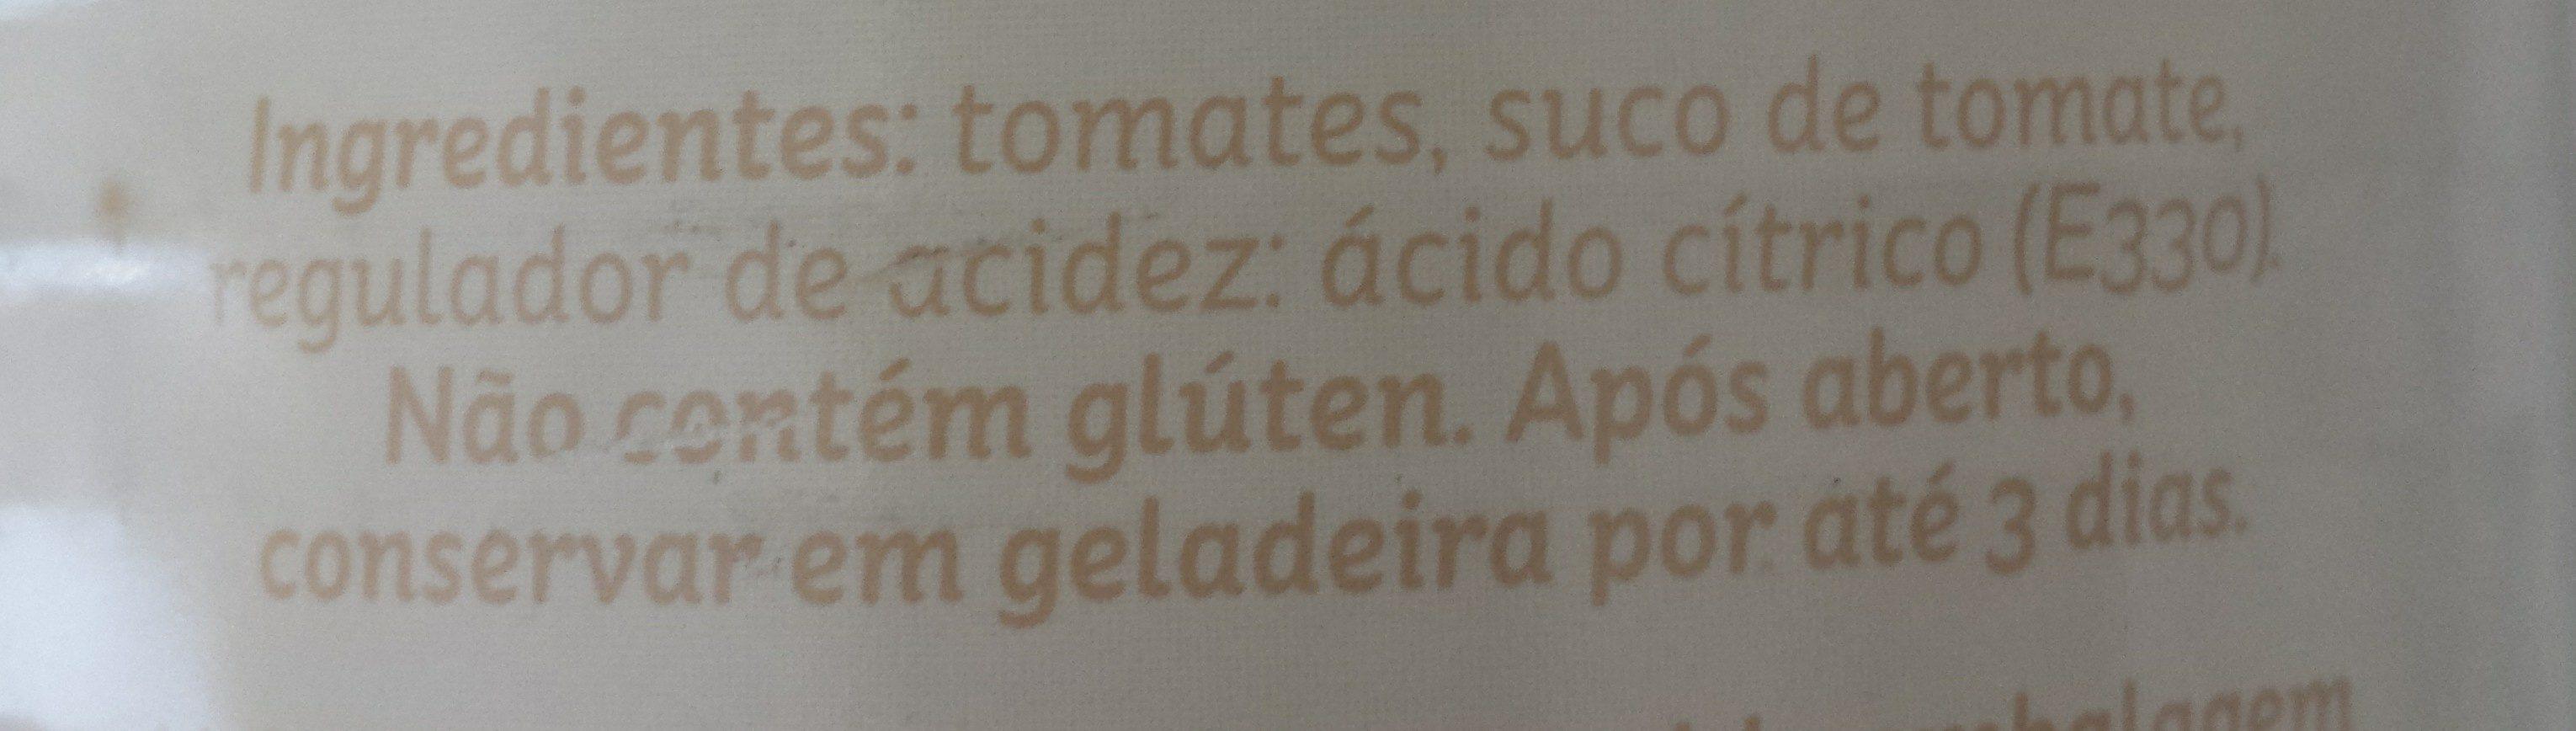 Tomate sem pele - Ingredients